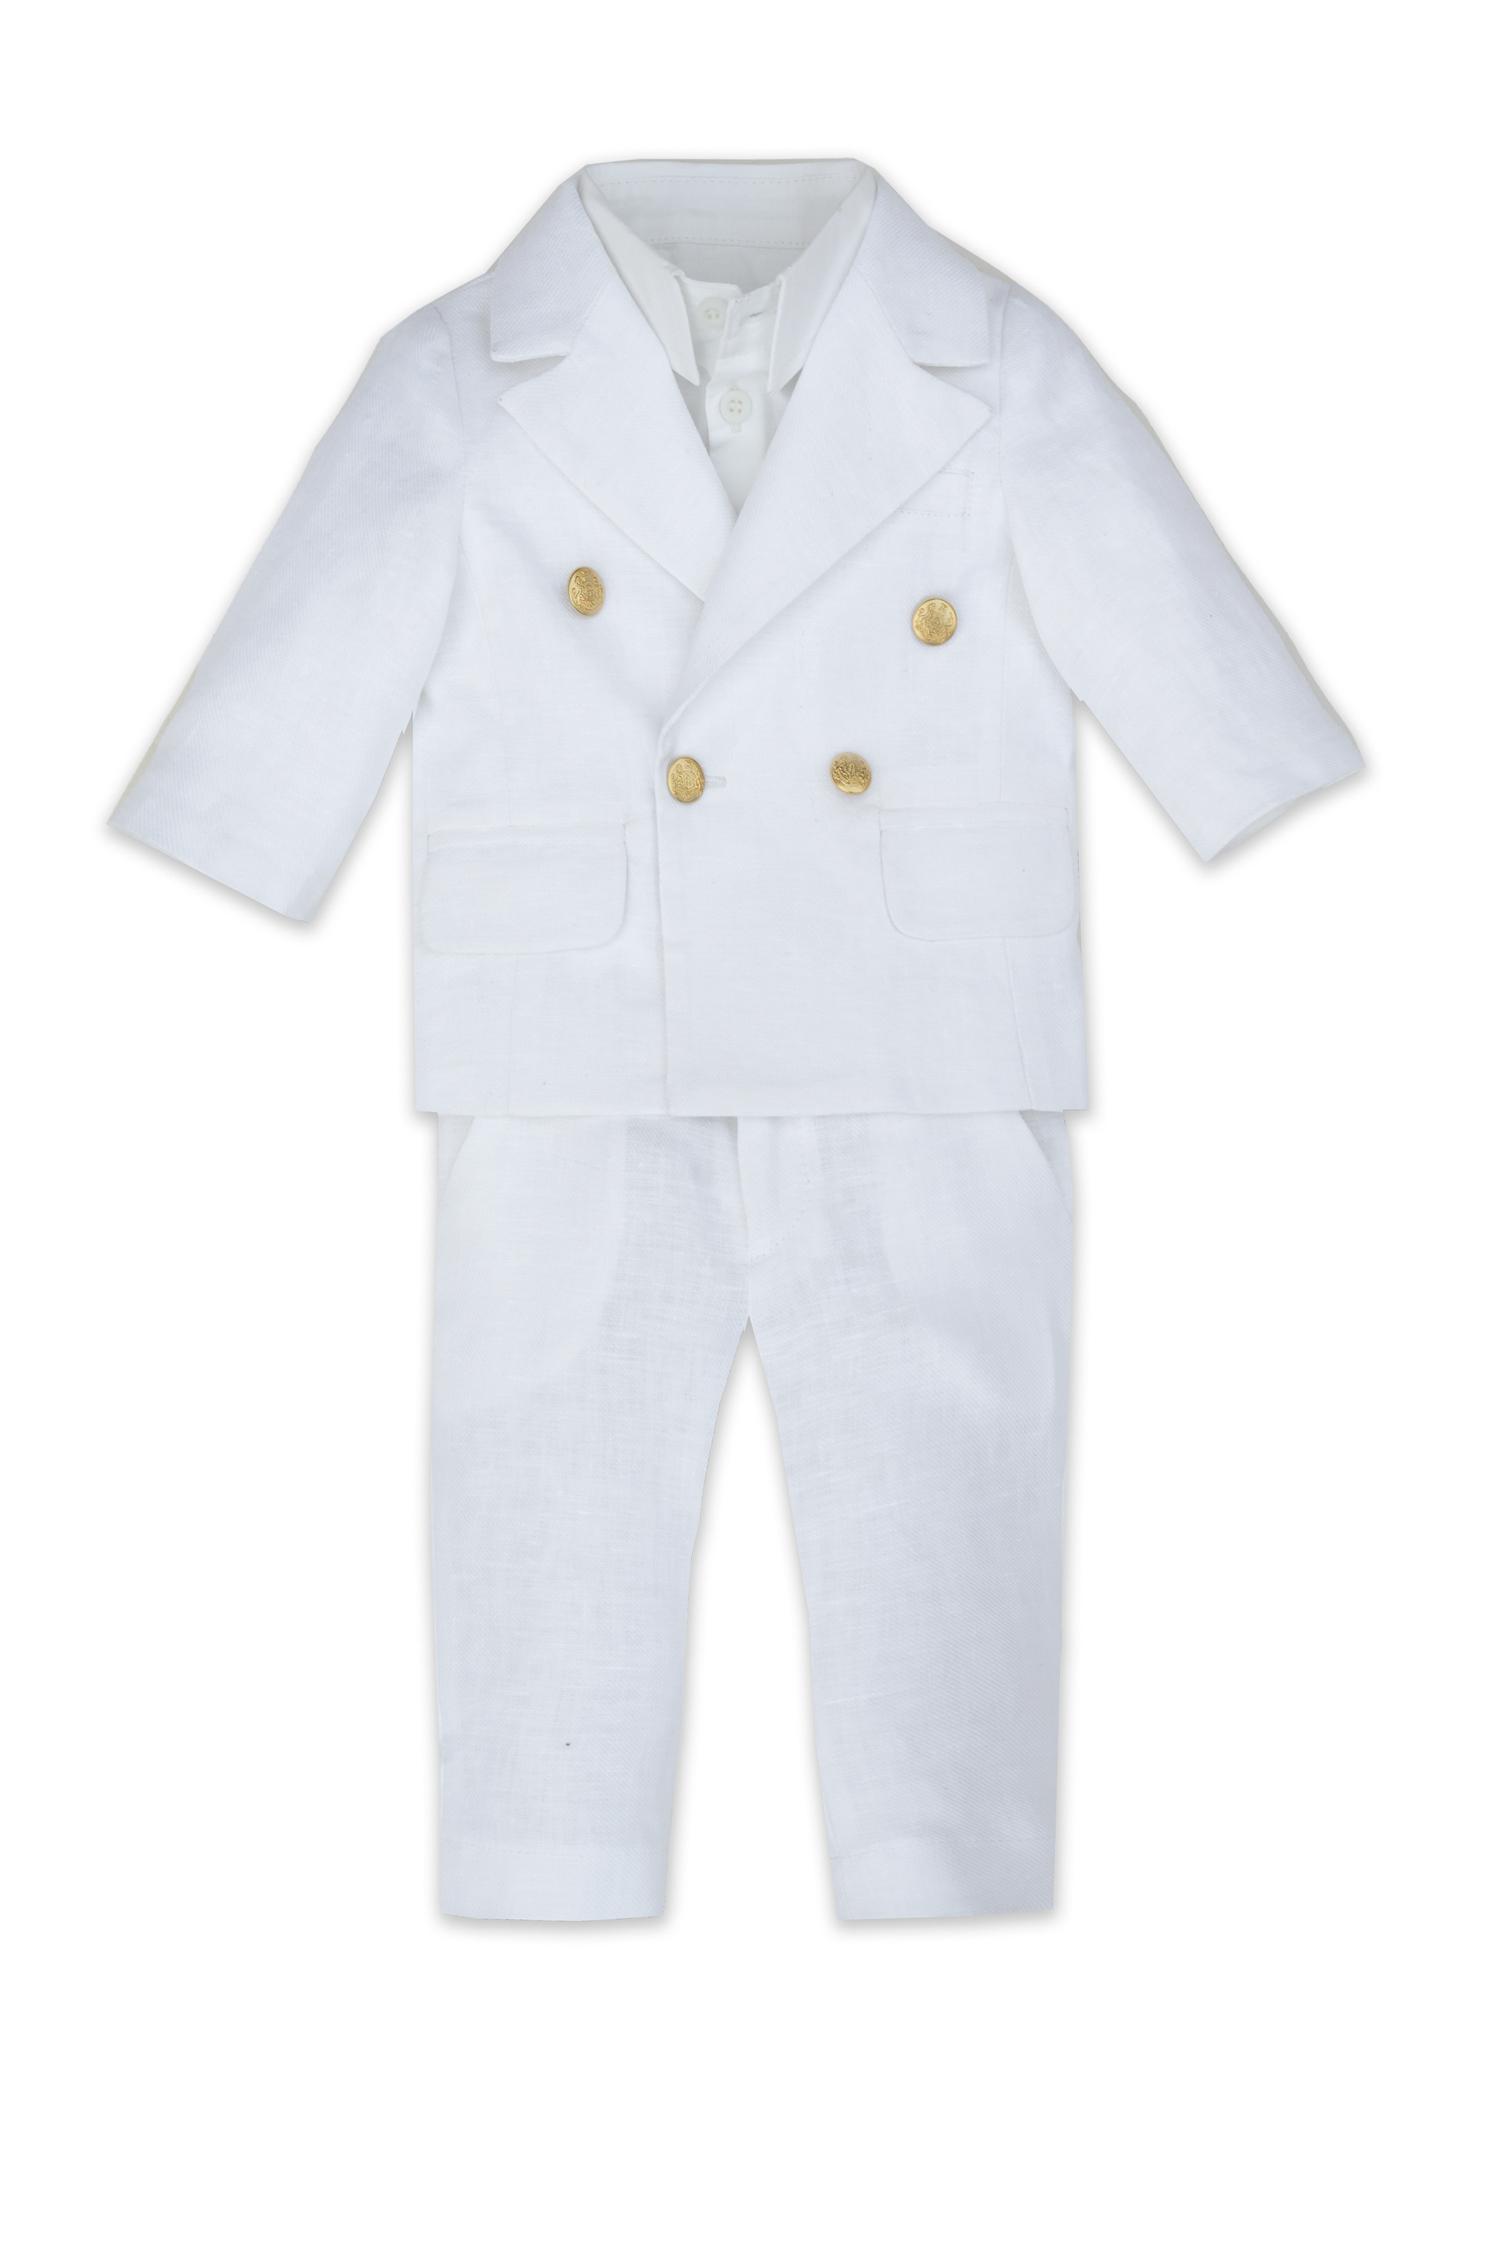 Costum de botez pentru bebeluși Leon